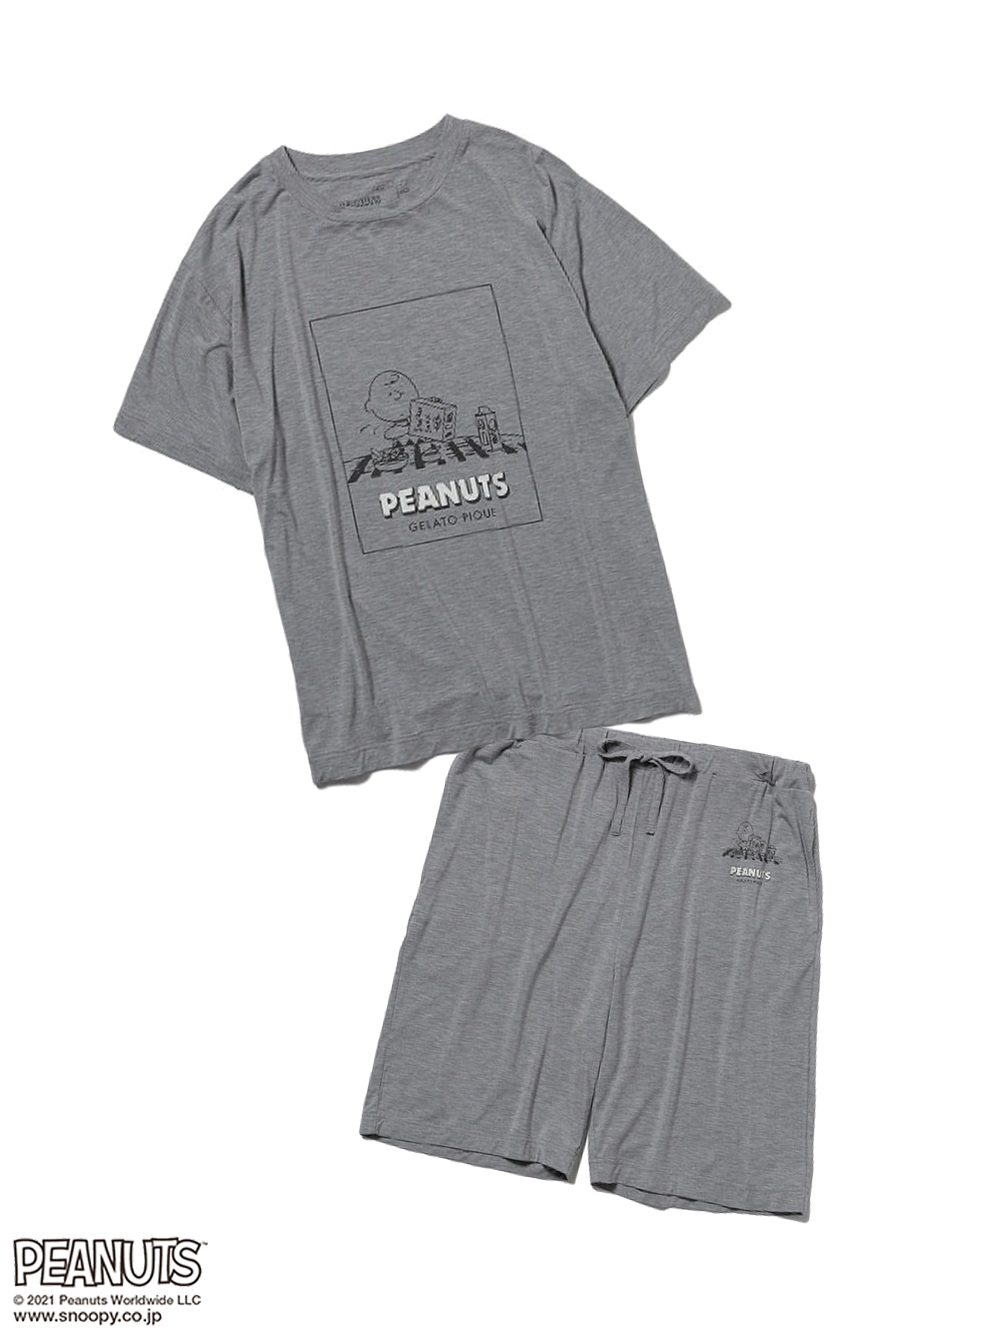 【ラッピング】【HOMME】【SNOOPY】ワンポイントTシャツ&ハーフパンツSET(GRY-M)